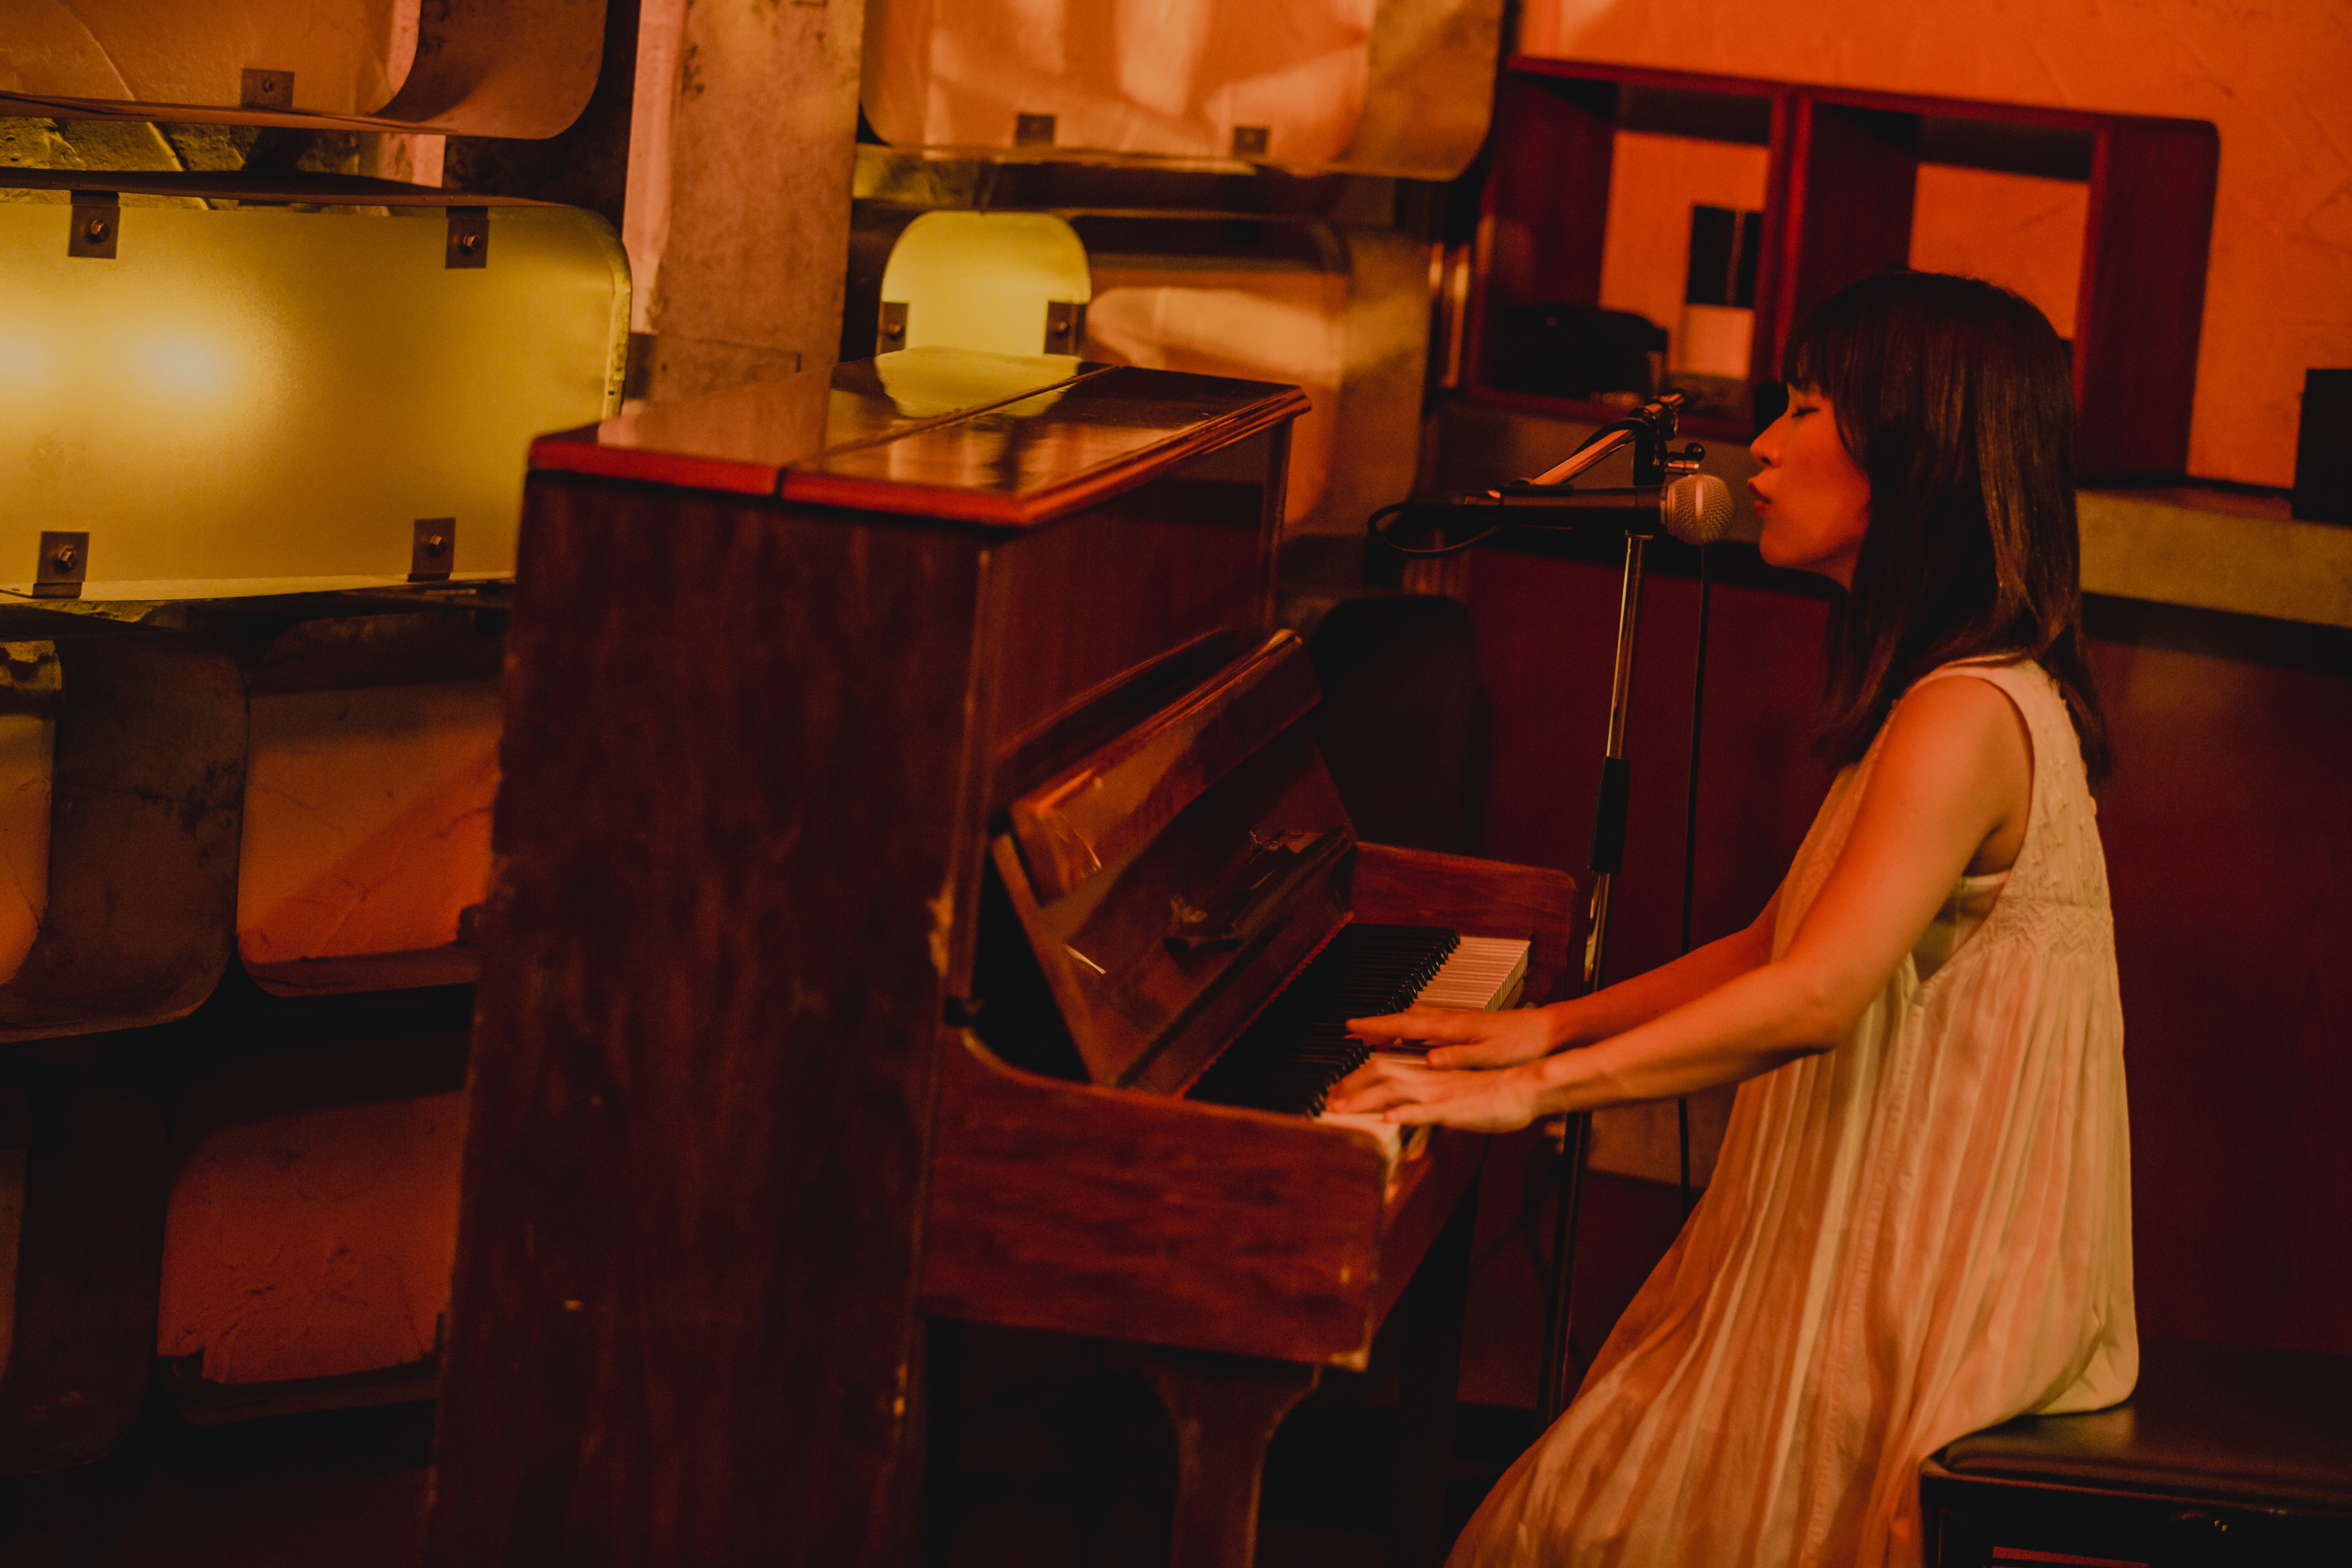 <あなたのためだけに贈る、ピアノ弾き語りカバー動画リクエストプラン>